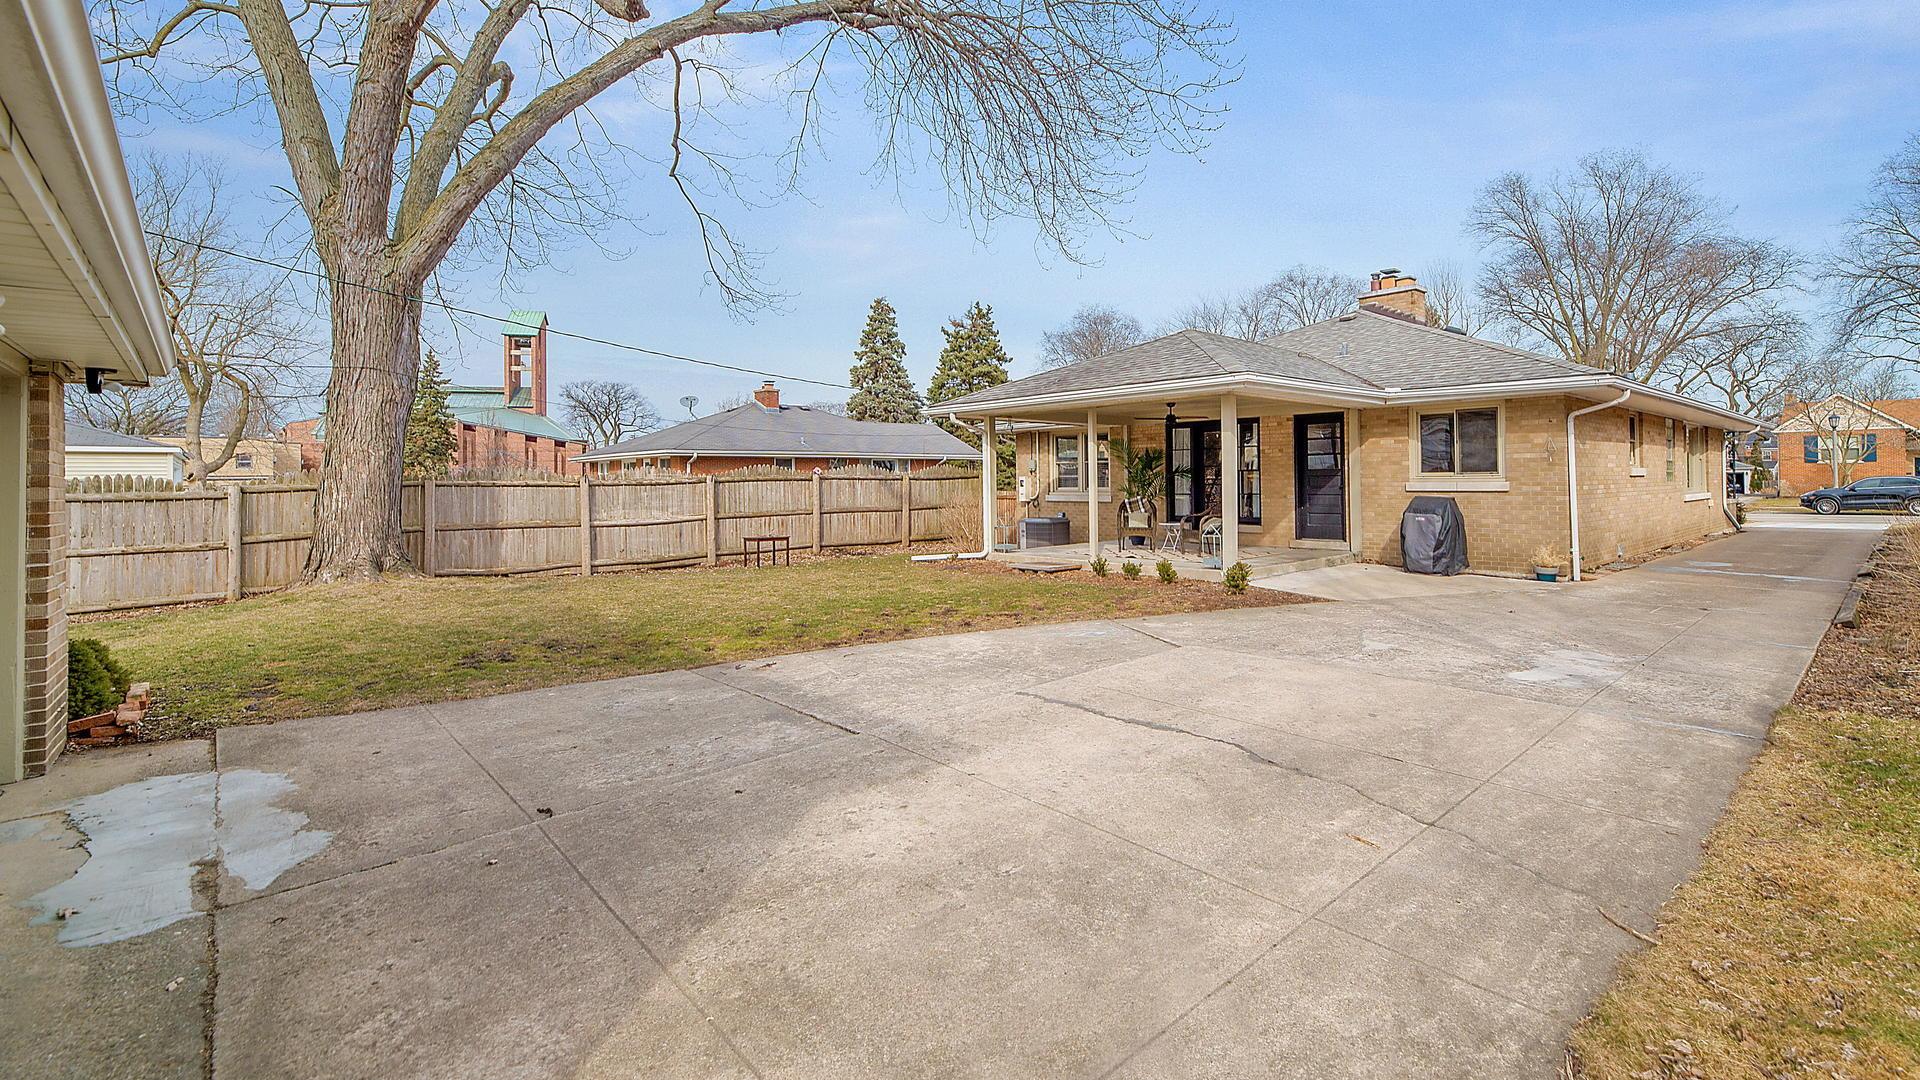 536 South Brainard, La Grange, Illinois, 60525